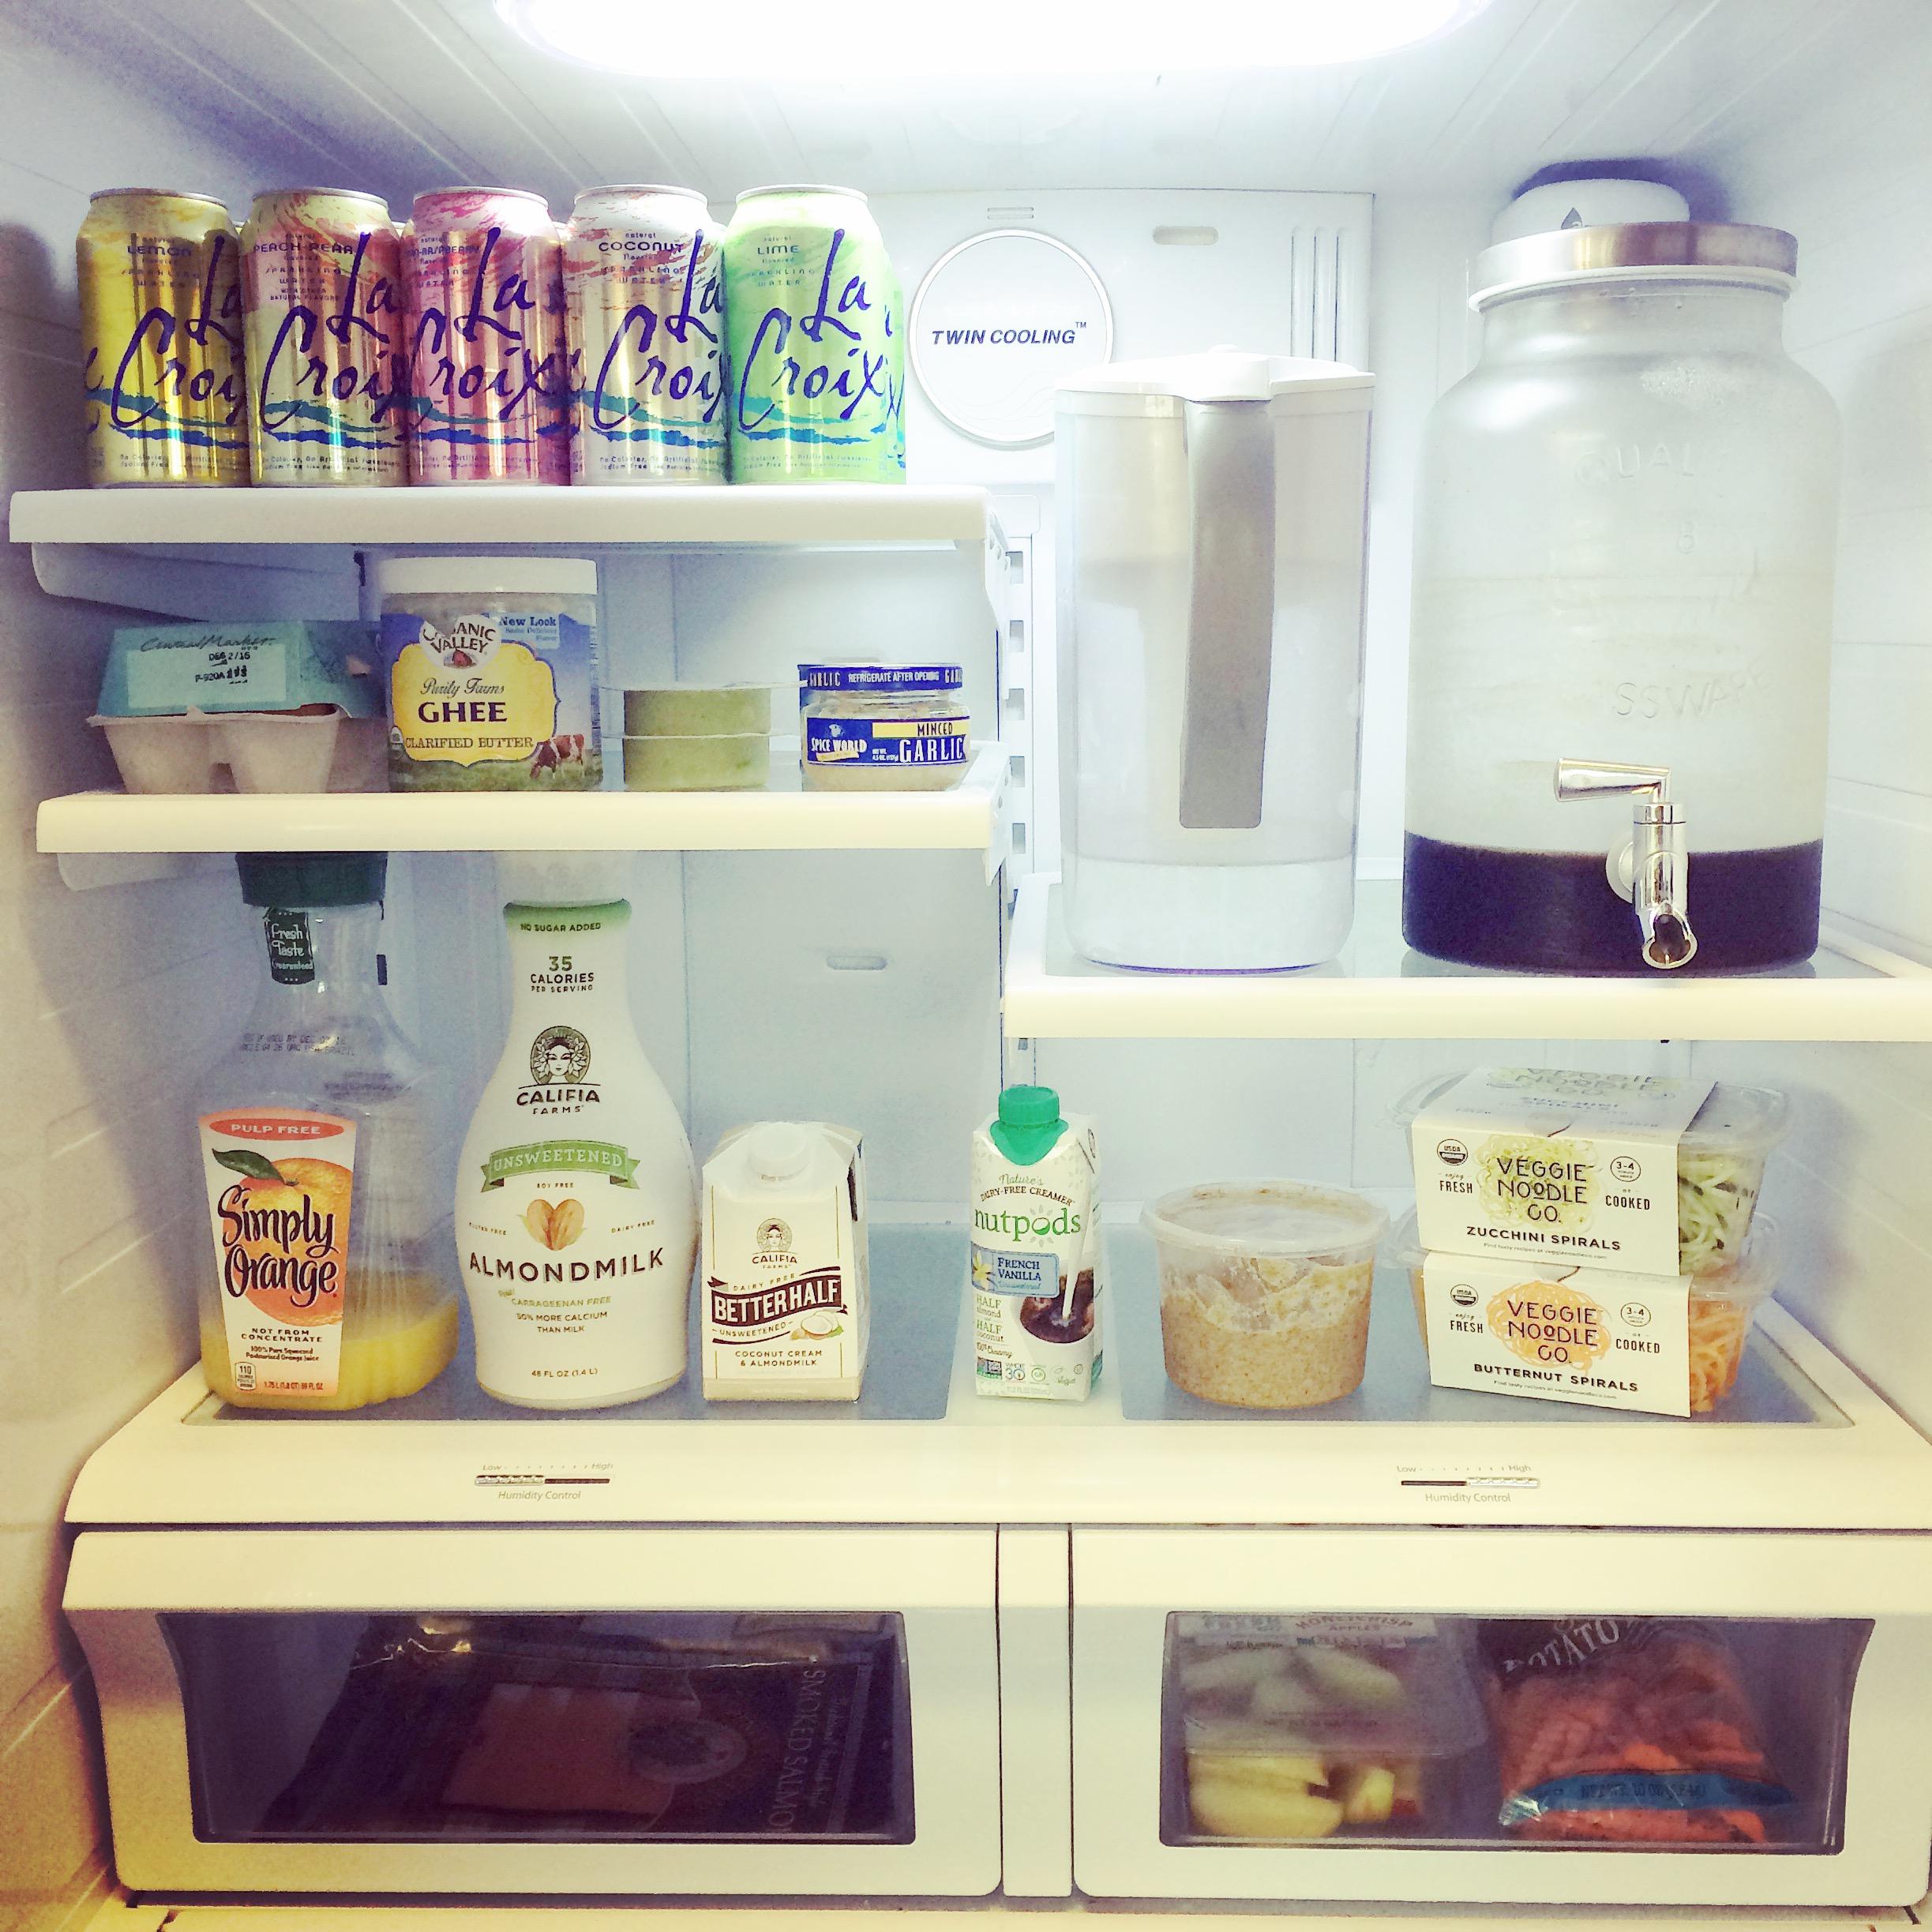 Whole30 fridge organization